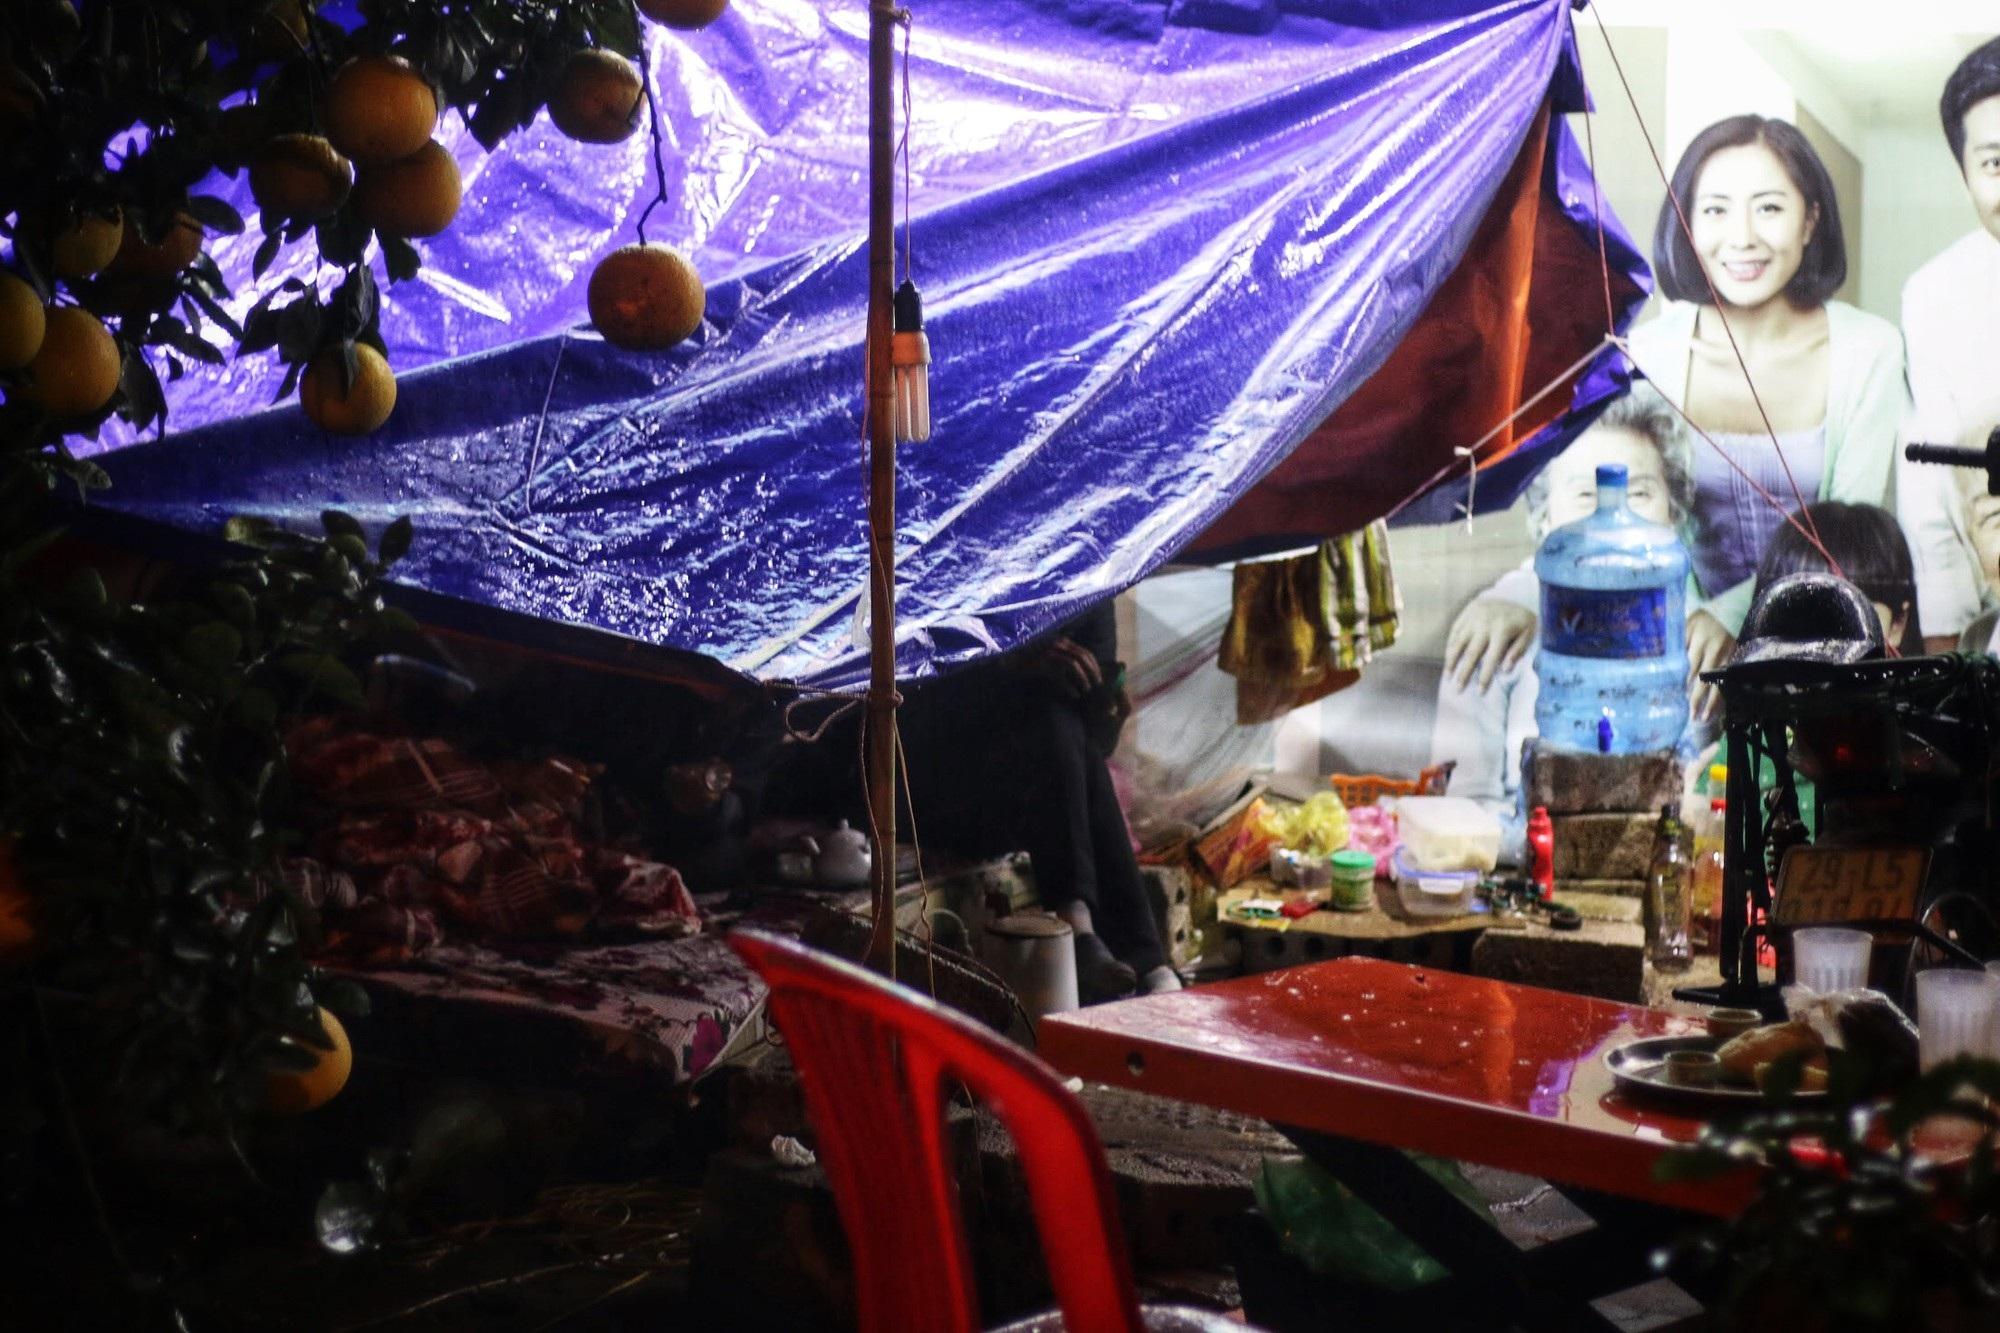 Lo mất trộm, người Hà Nội dựng lều đốt lửa trông đào xuyên đêm - Ảnh 2.